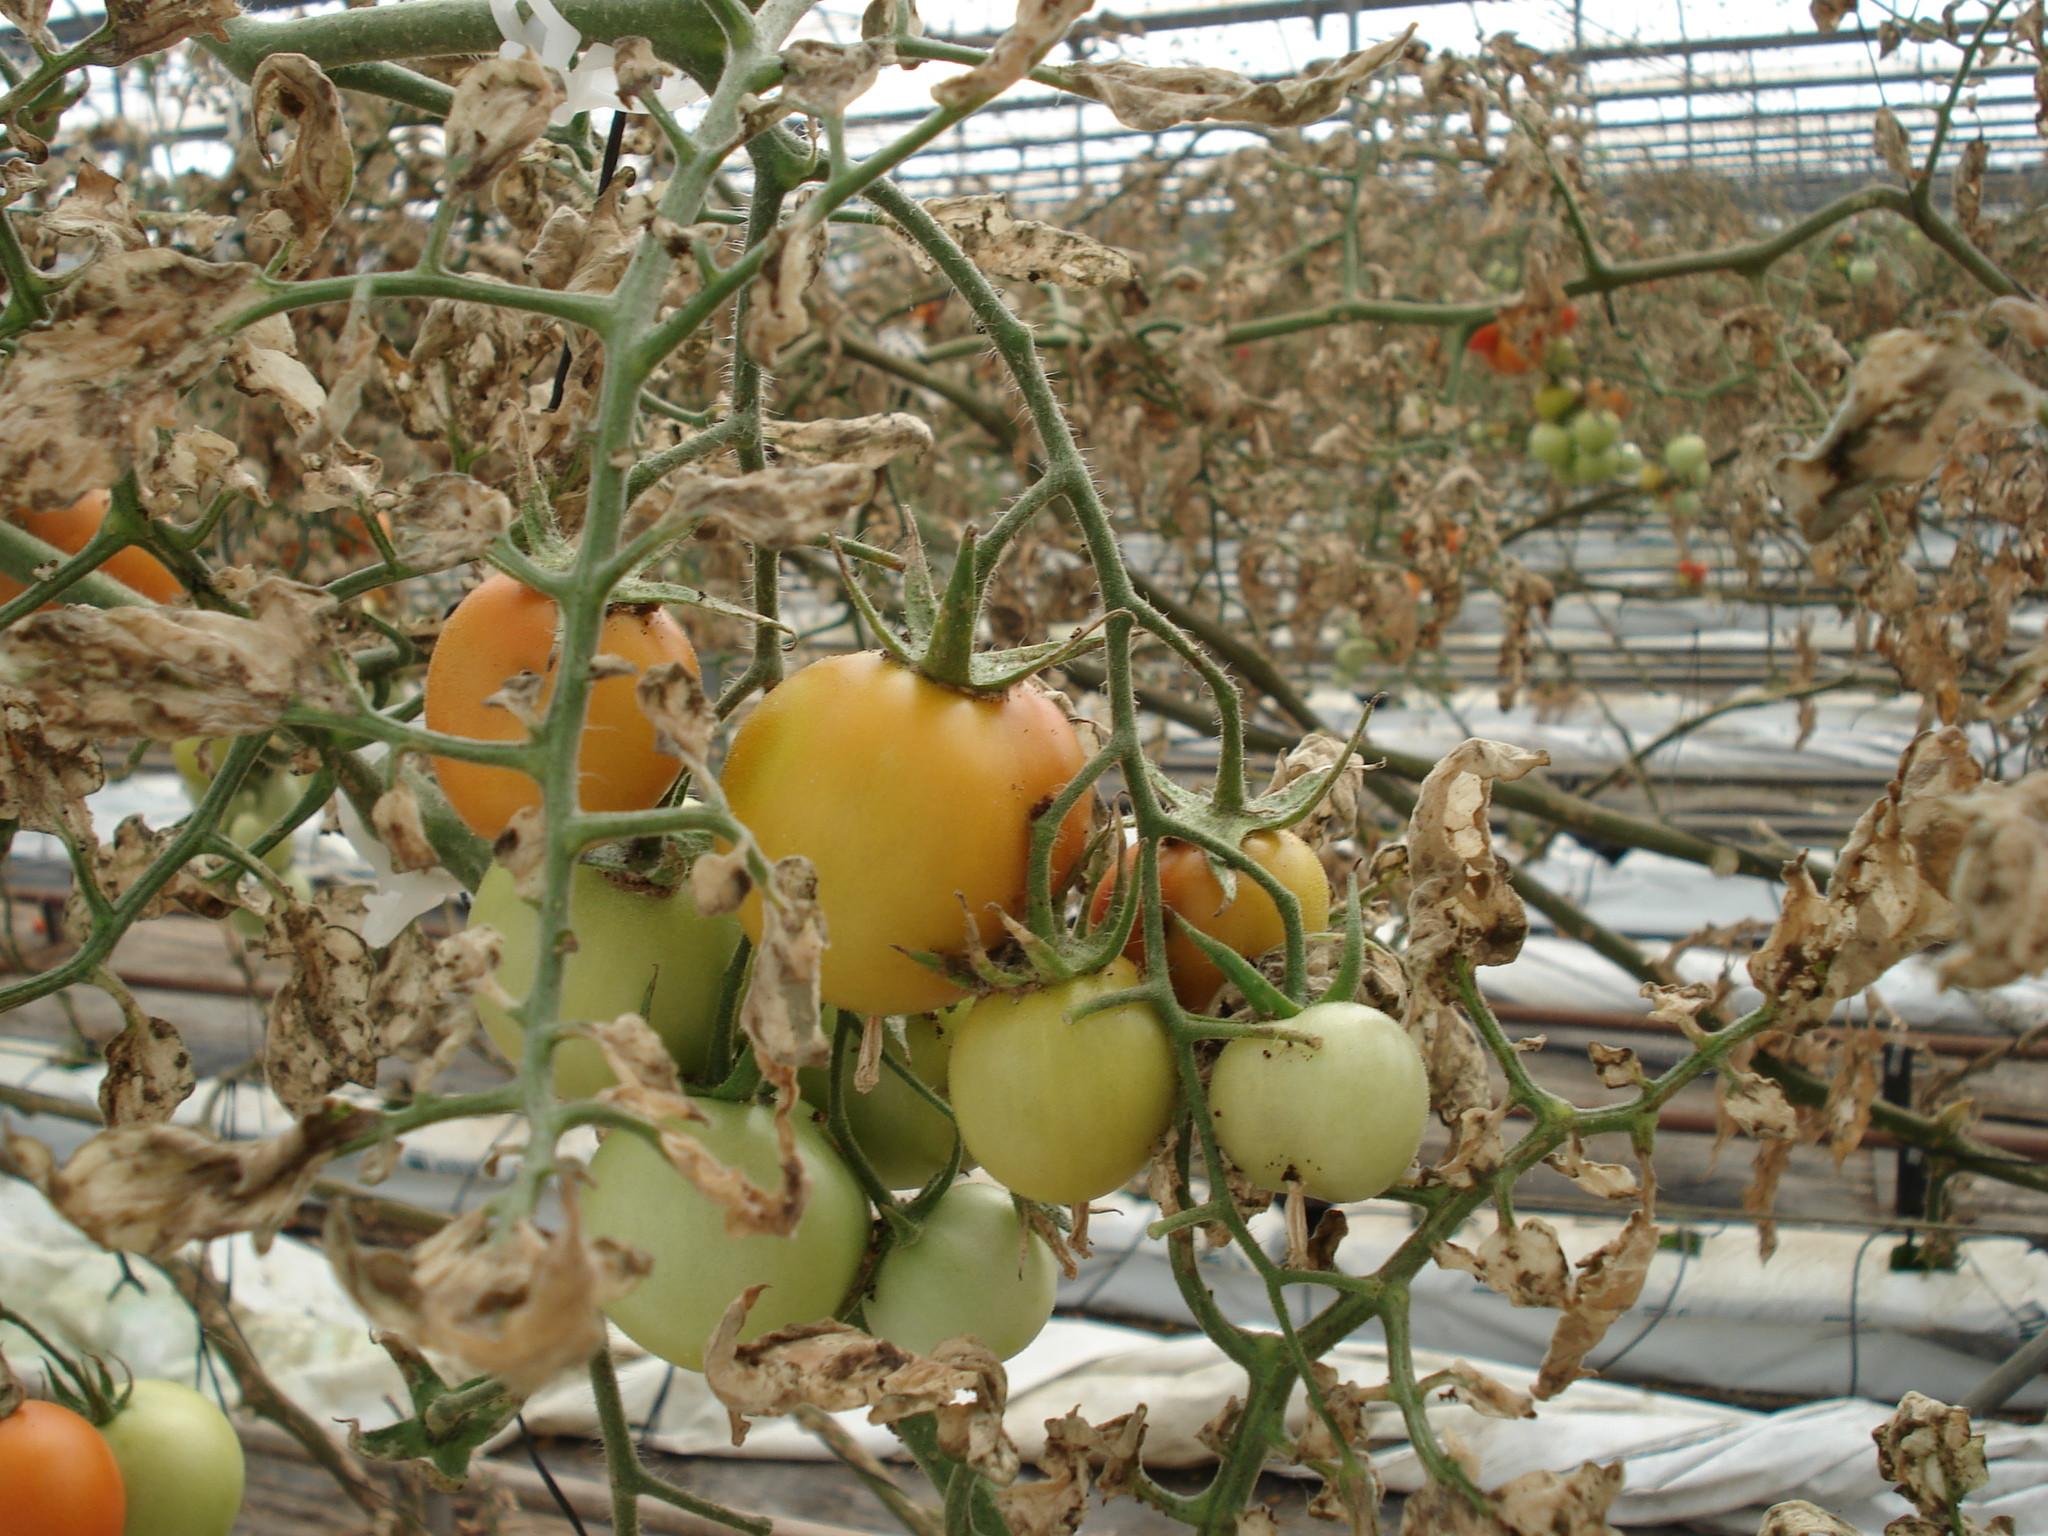 La aparición de resistencias a insecticidas complica el control de 'Tuta absoluta' - Agrodiario